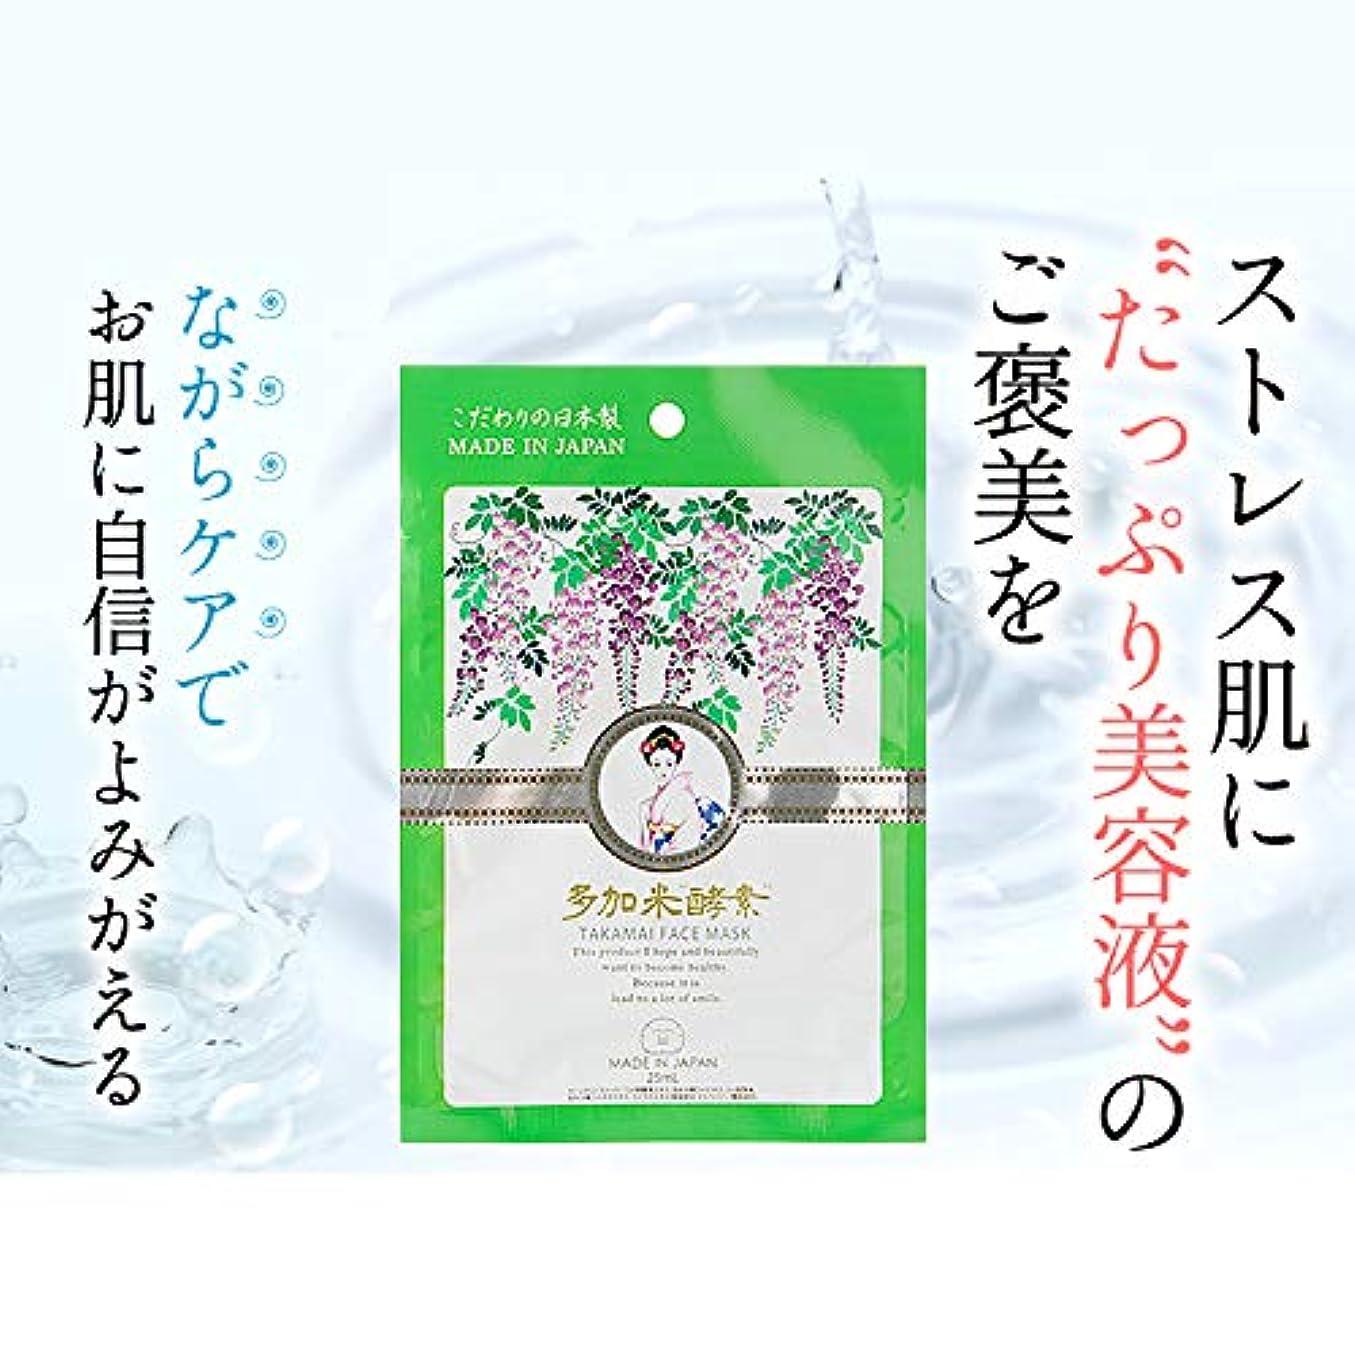 キャンバスパック燃やす多加米酵素フェイスマスク シートマスク フェイスマスク 保湿マスク 美容液 25ml 10枚セット